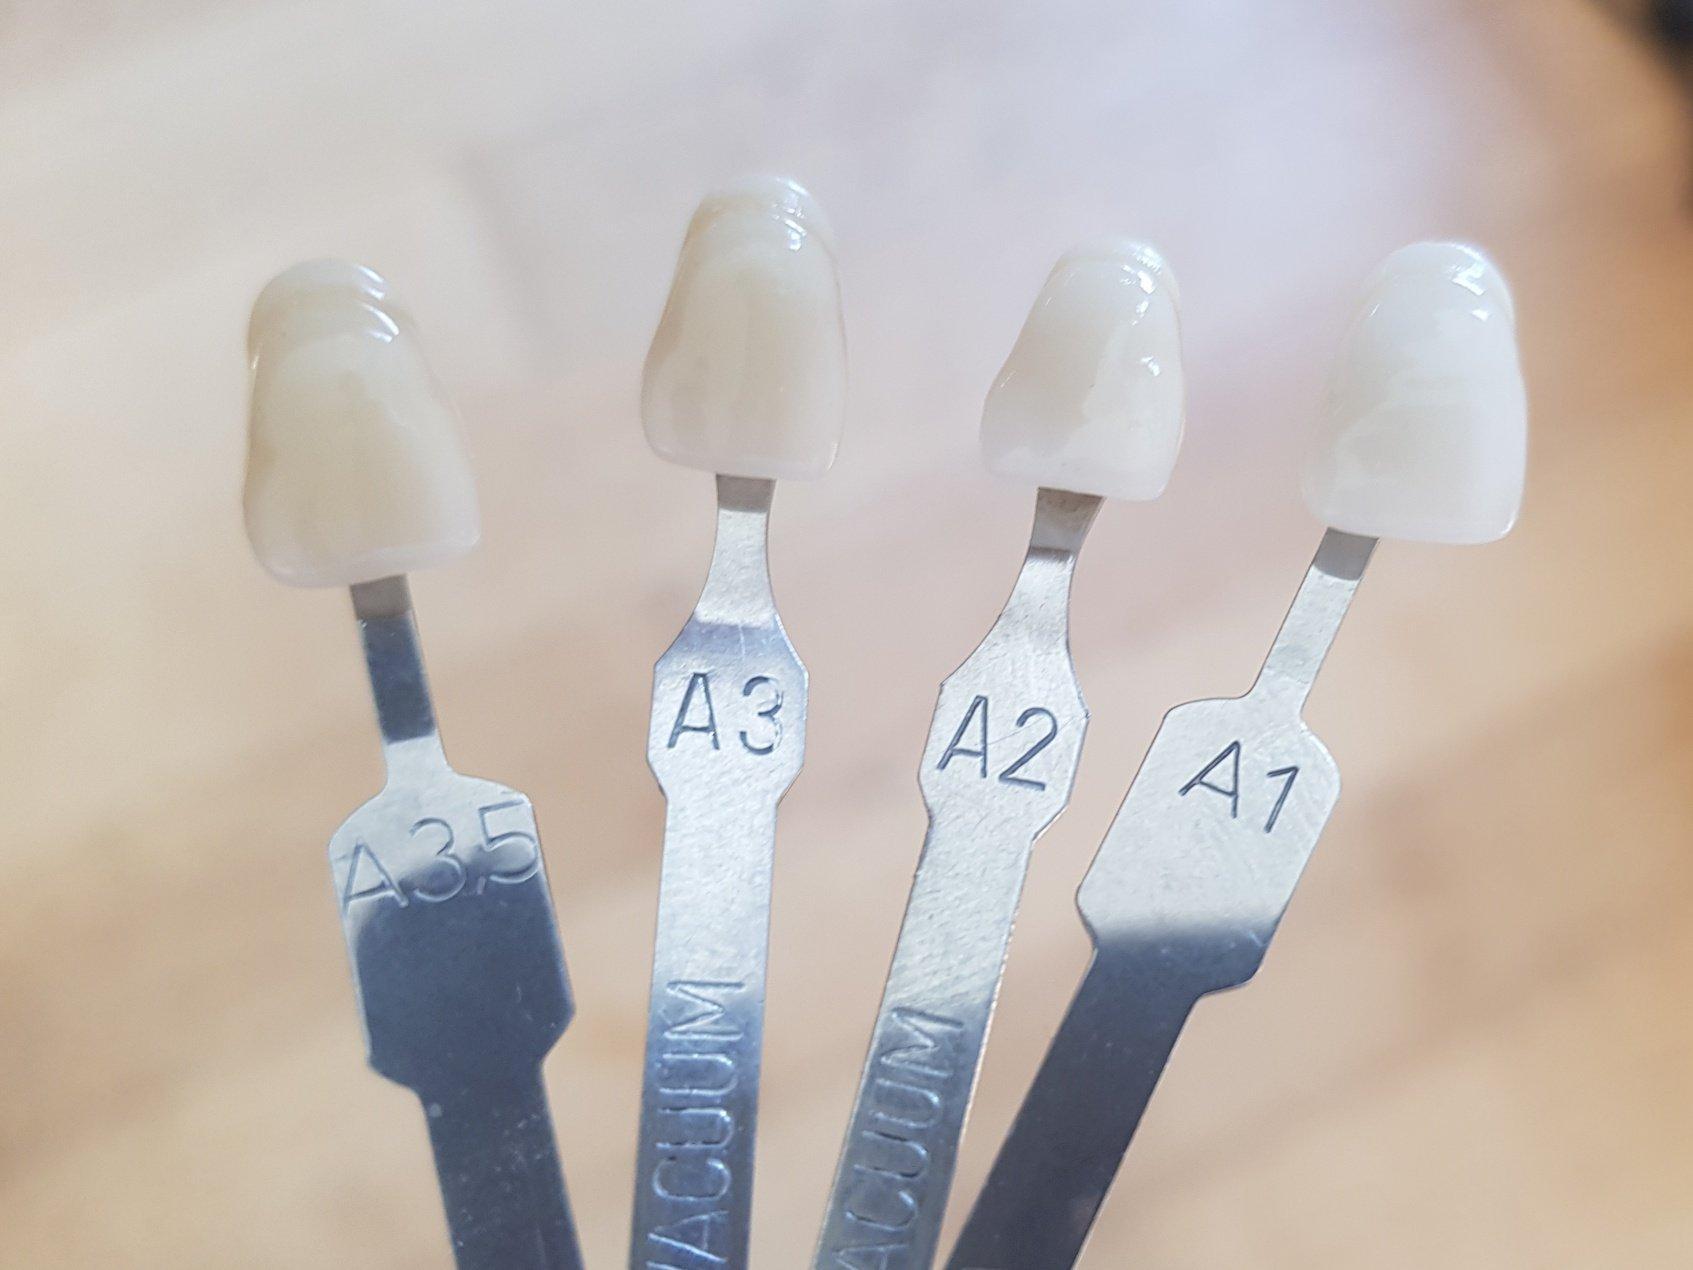 Gelb zahnfarbe a3 EP2359771A2